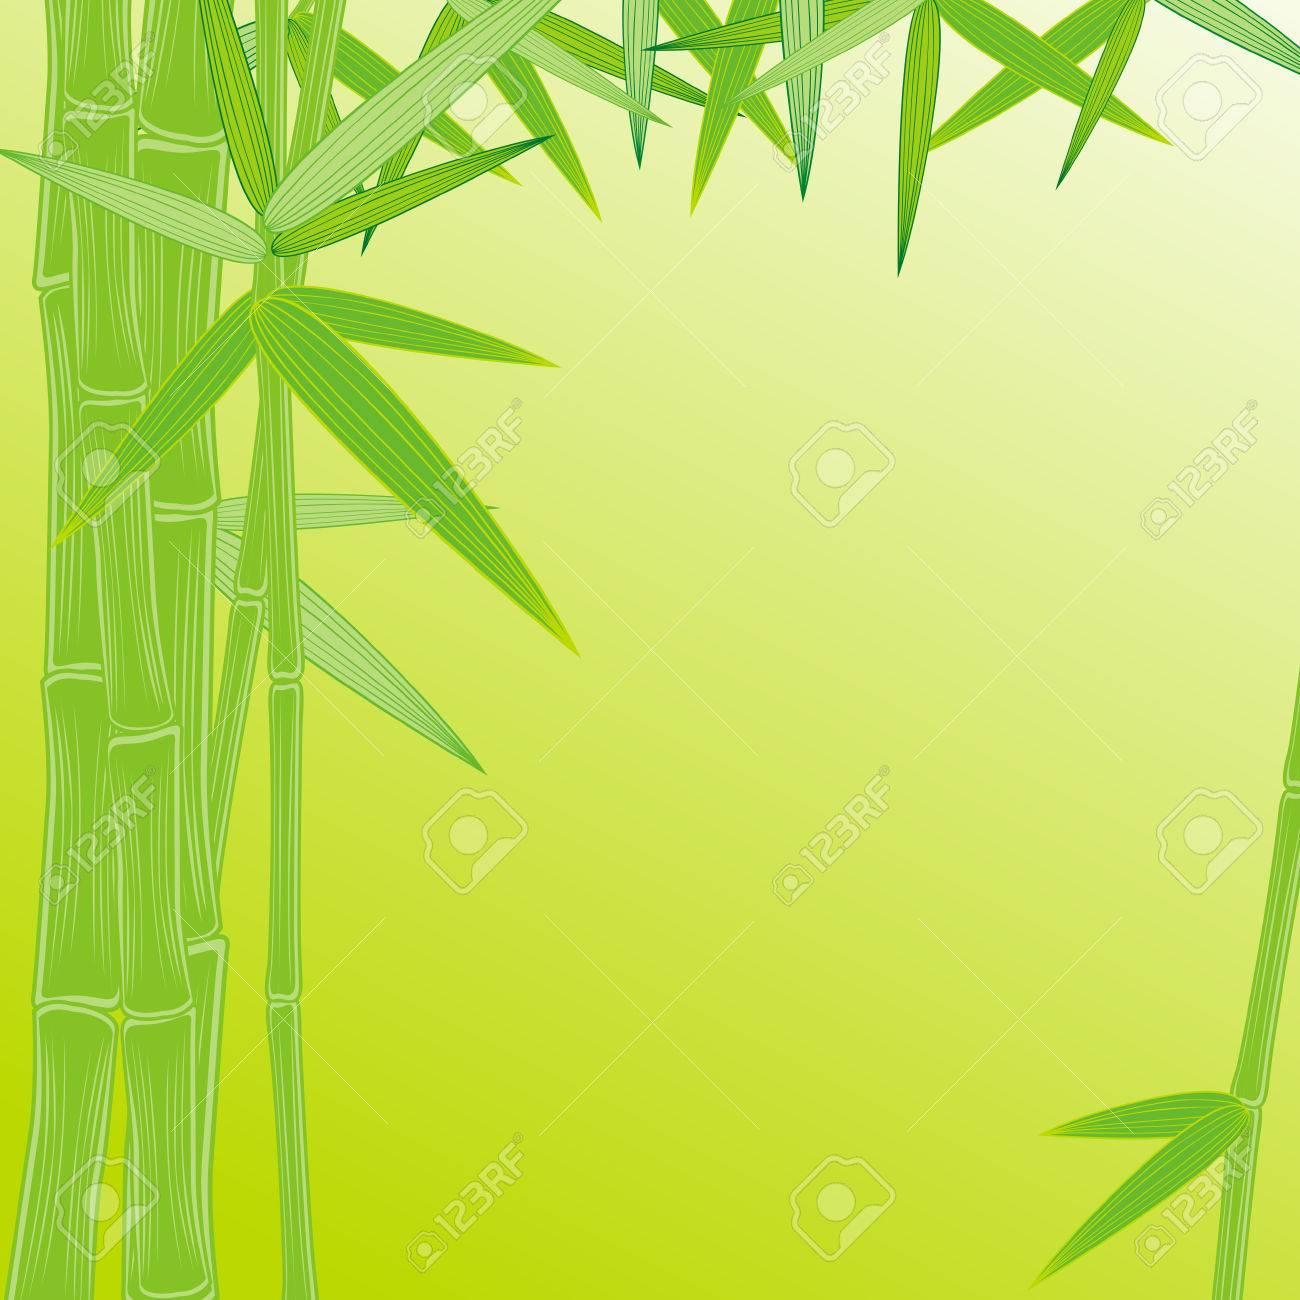 Sommer Bambus-Rahmen Auf Grünem Hintergrund Lizenzfrei Nutzbare ...